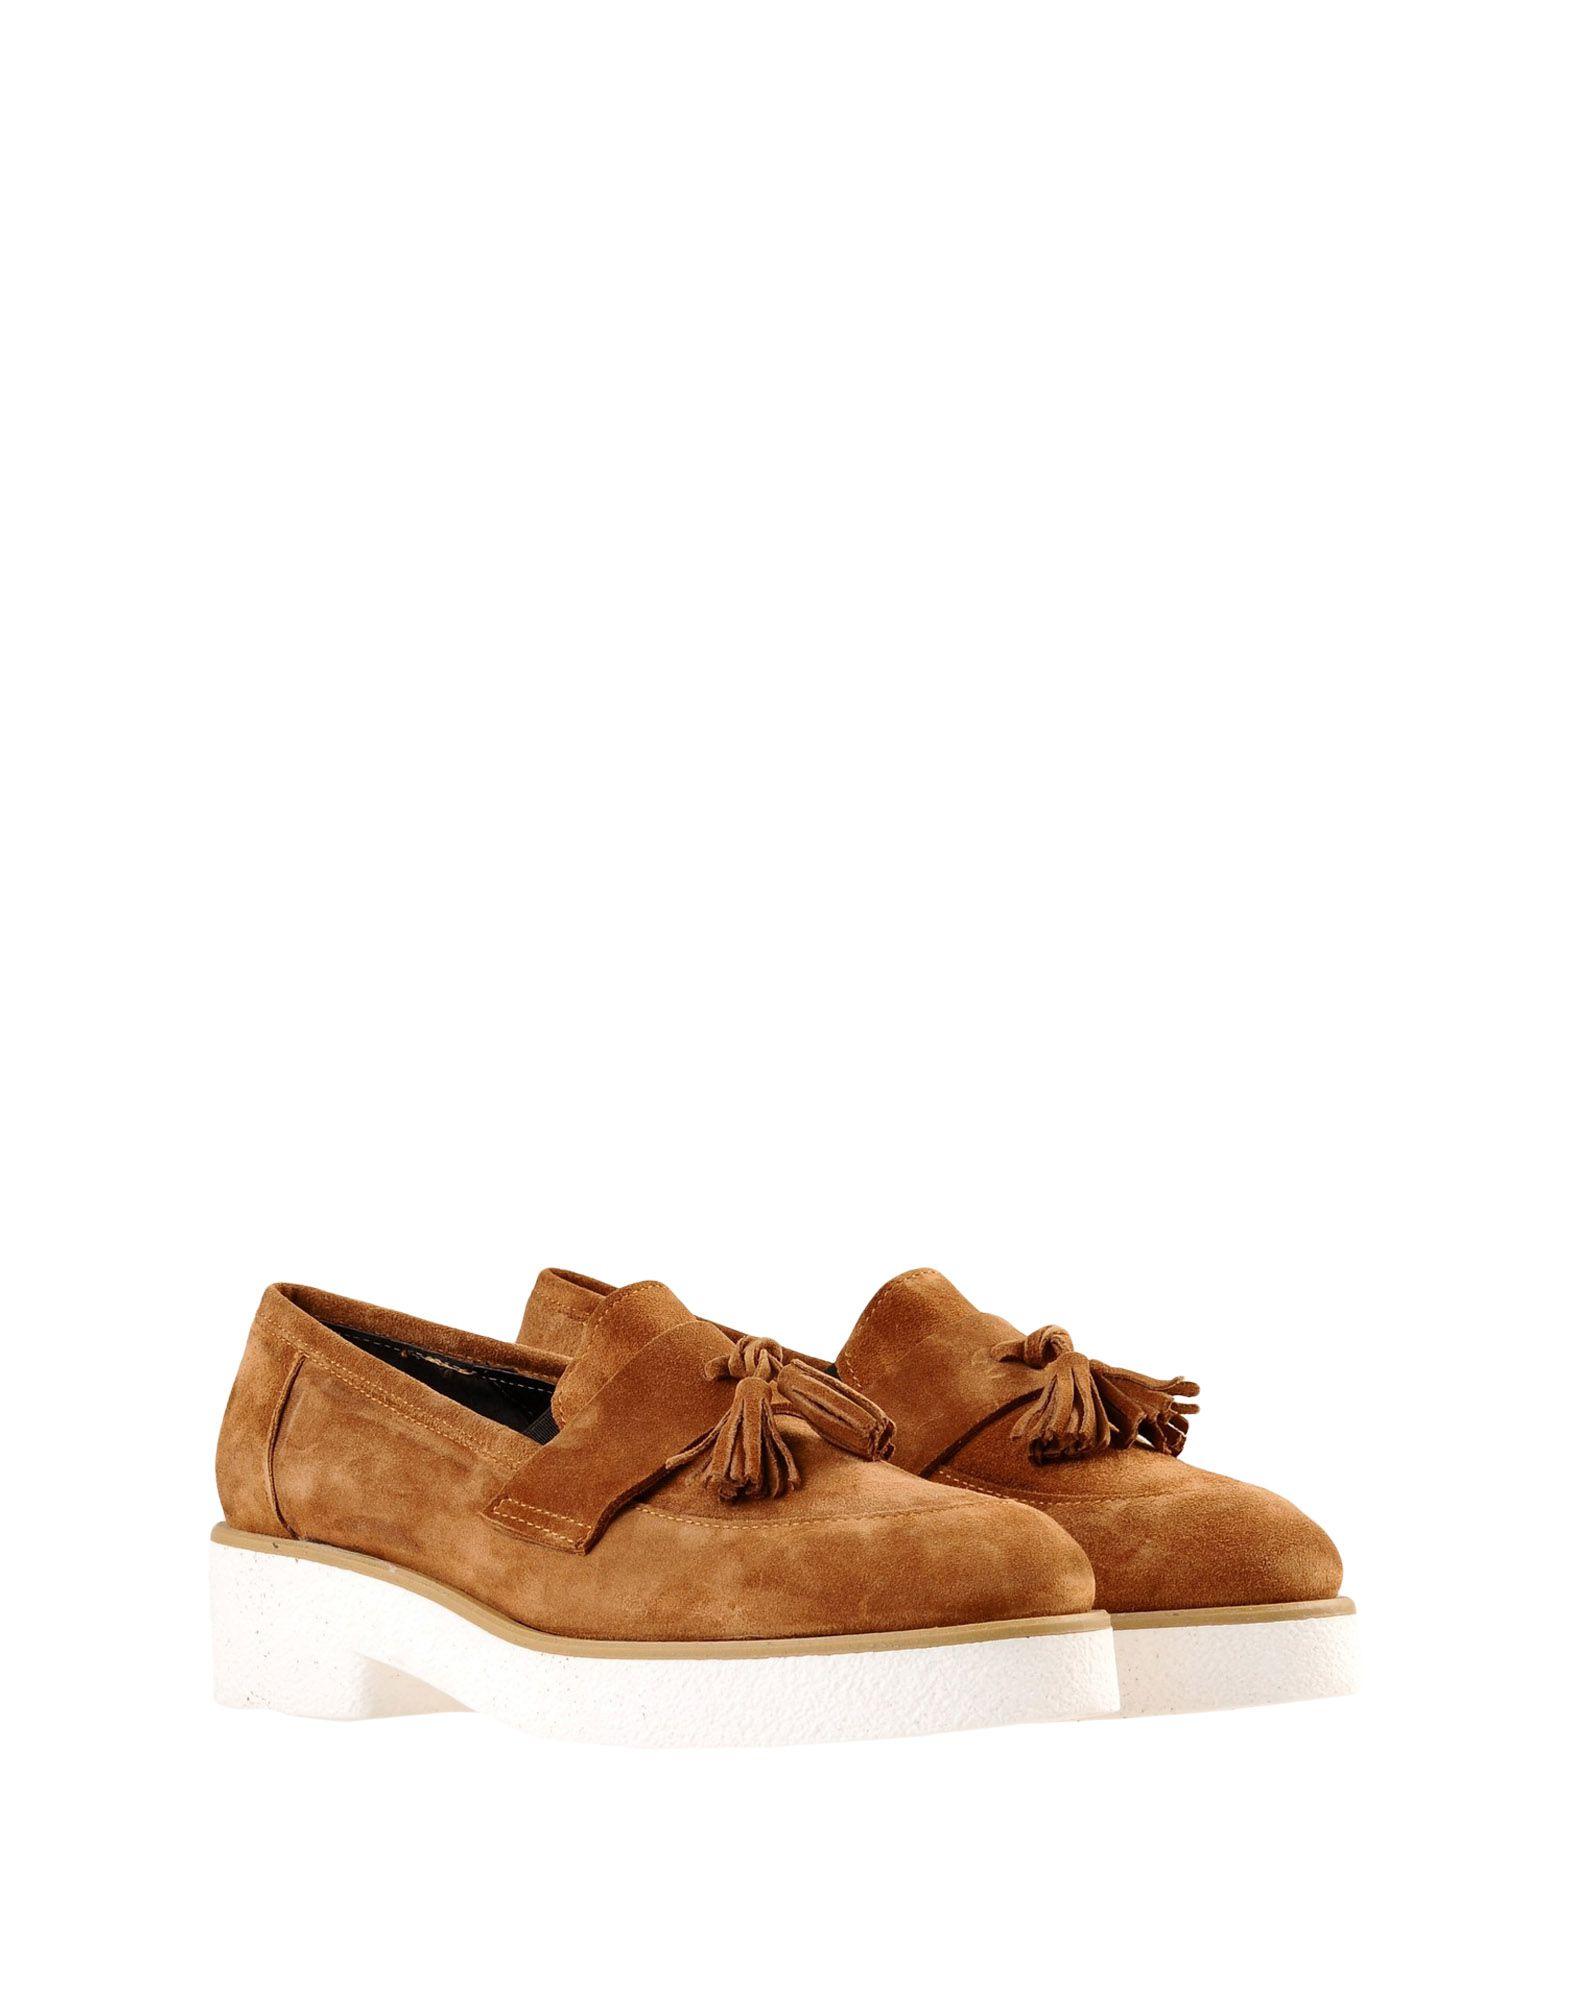 693df1c15cee6 ... George J. Love Mokassins Damen beliebte 11545895LQ Gute Qualität  beliebte Damen Schuhe 2abaa9 ...